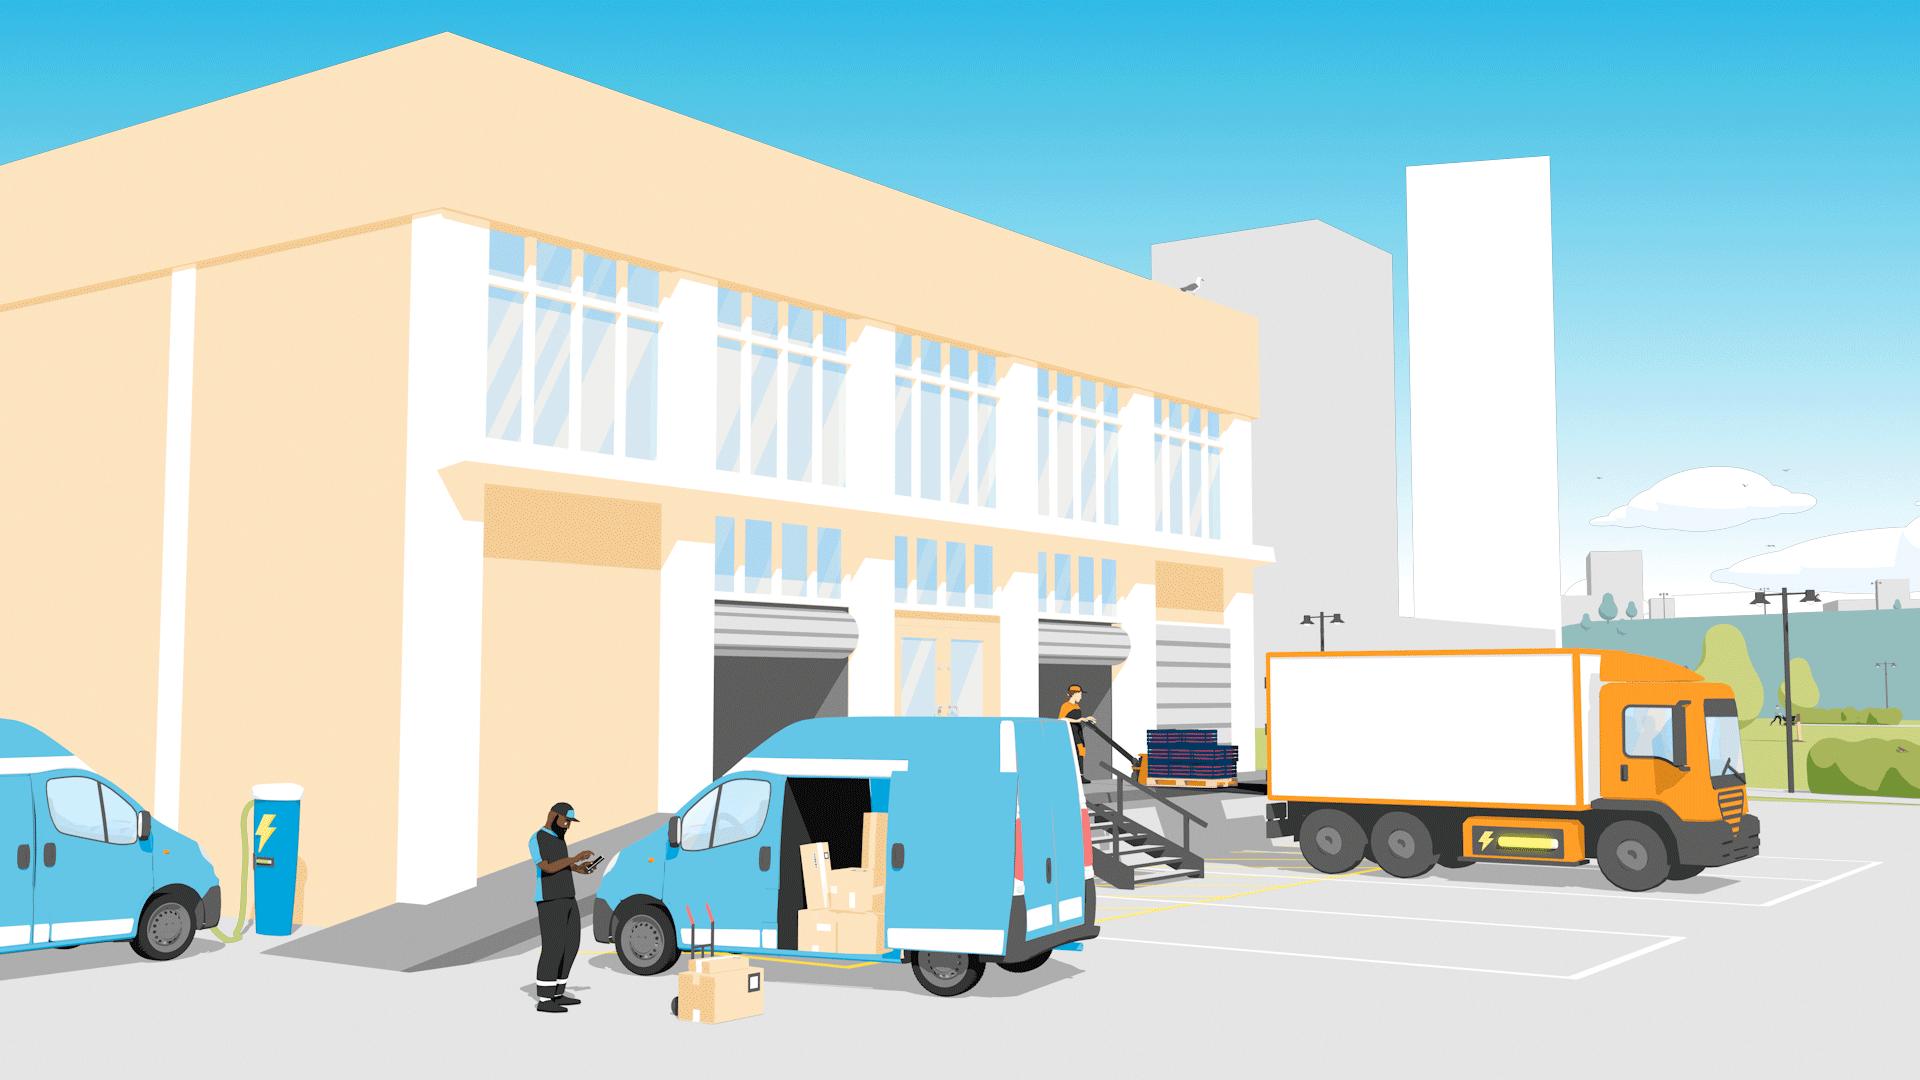 2d animasjon og infografikk av budbil bud og lastebil ved en lasteplan lagd i 3d for hafslund